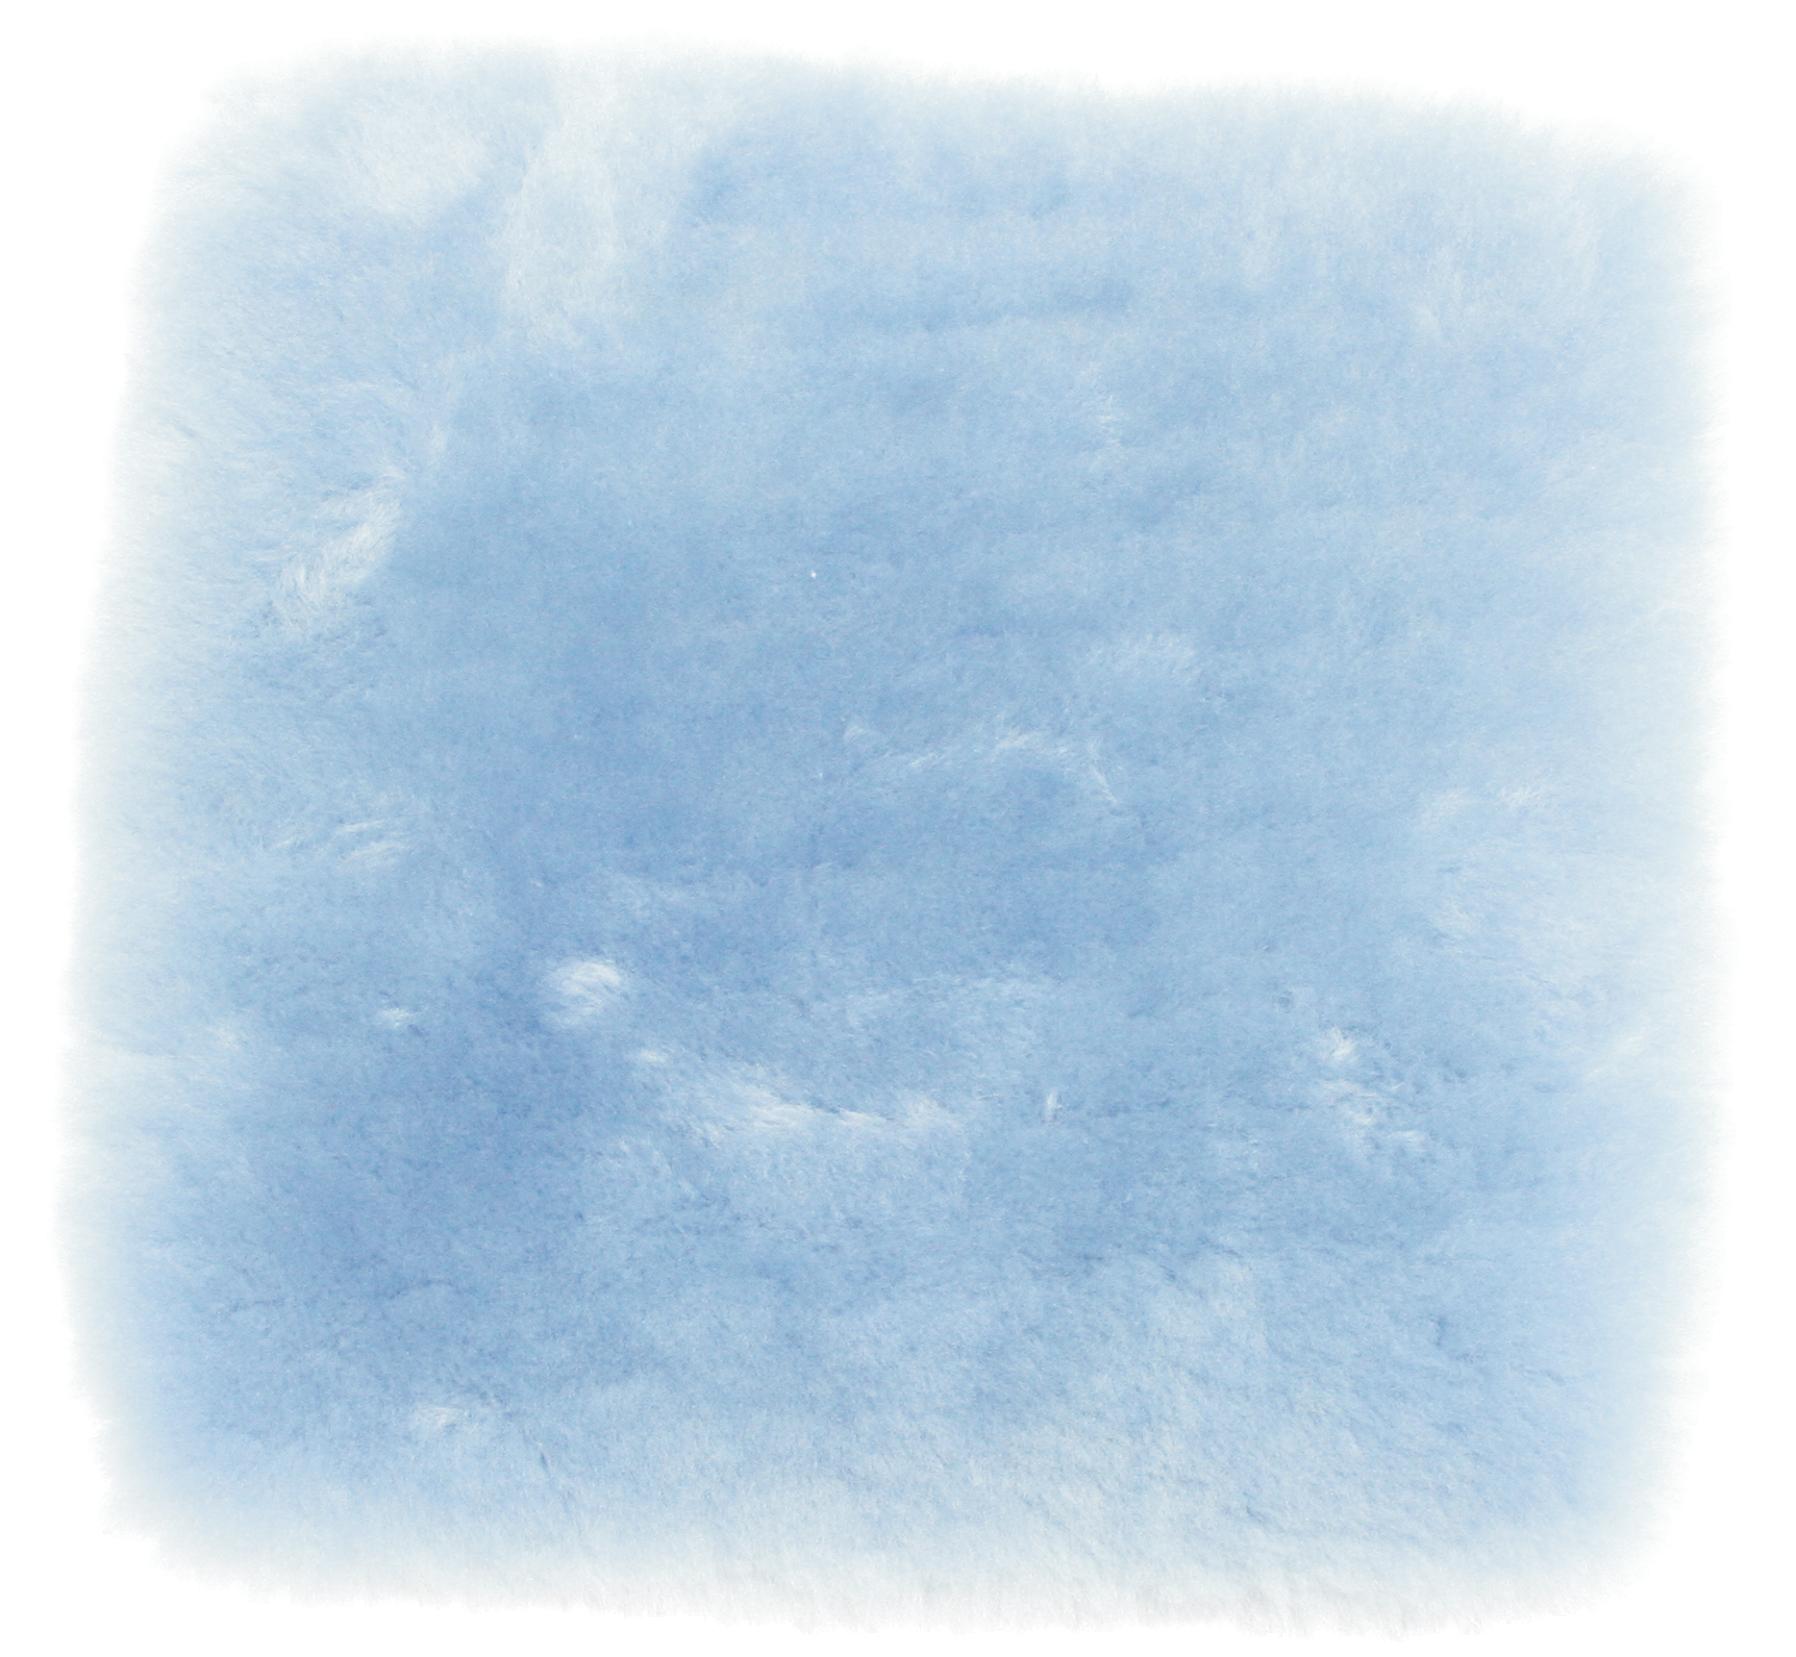 Hellblau-0029Q0UyWYxGXwqwf